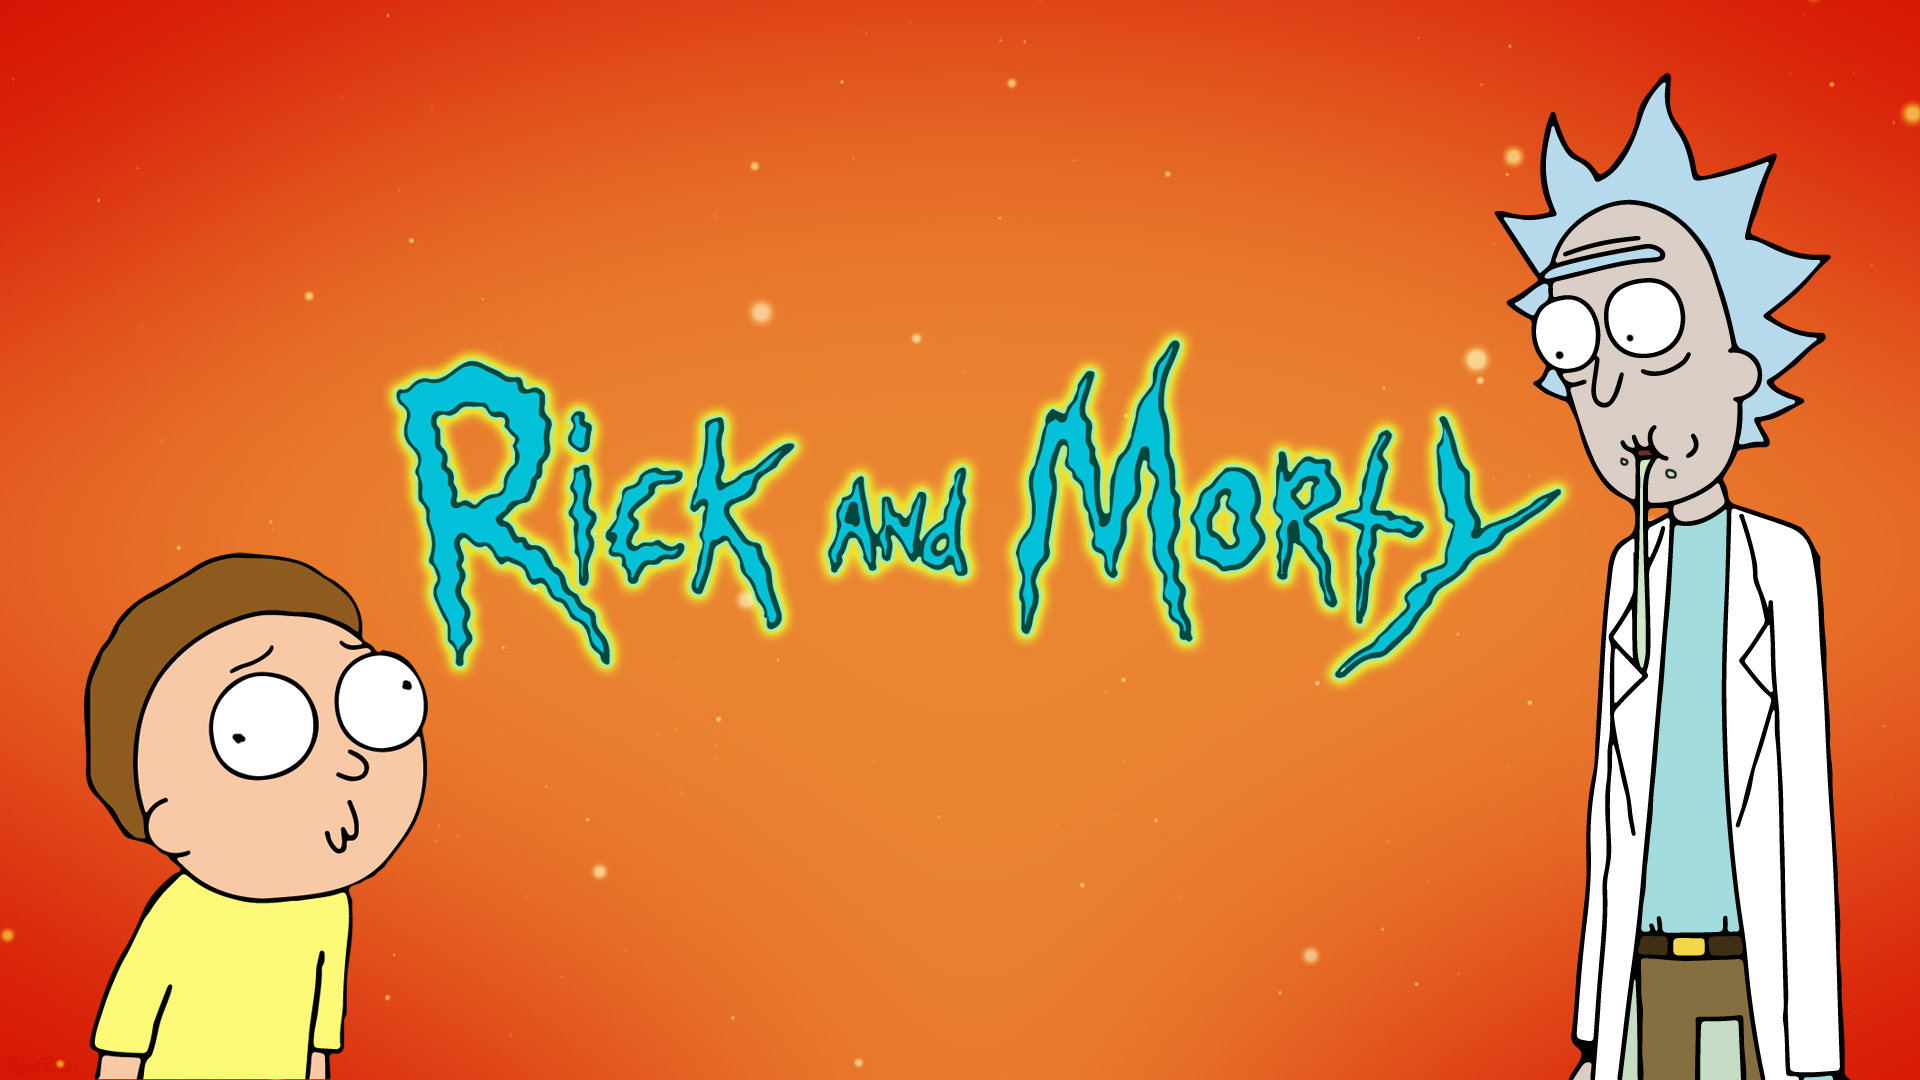 Tweede deel seizoen vier Rick and Morty verschijnt in mei op Netflix